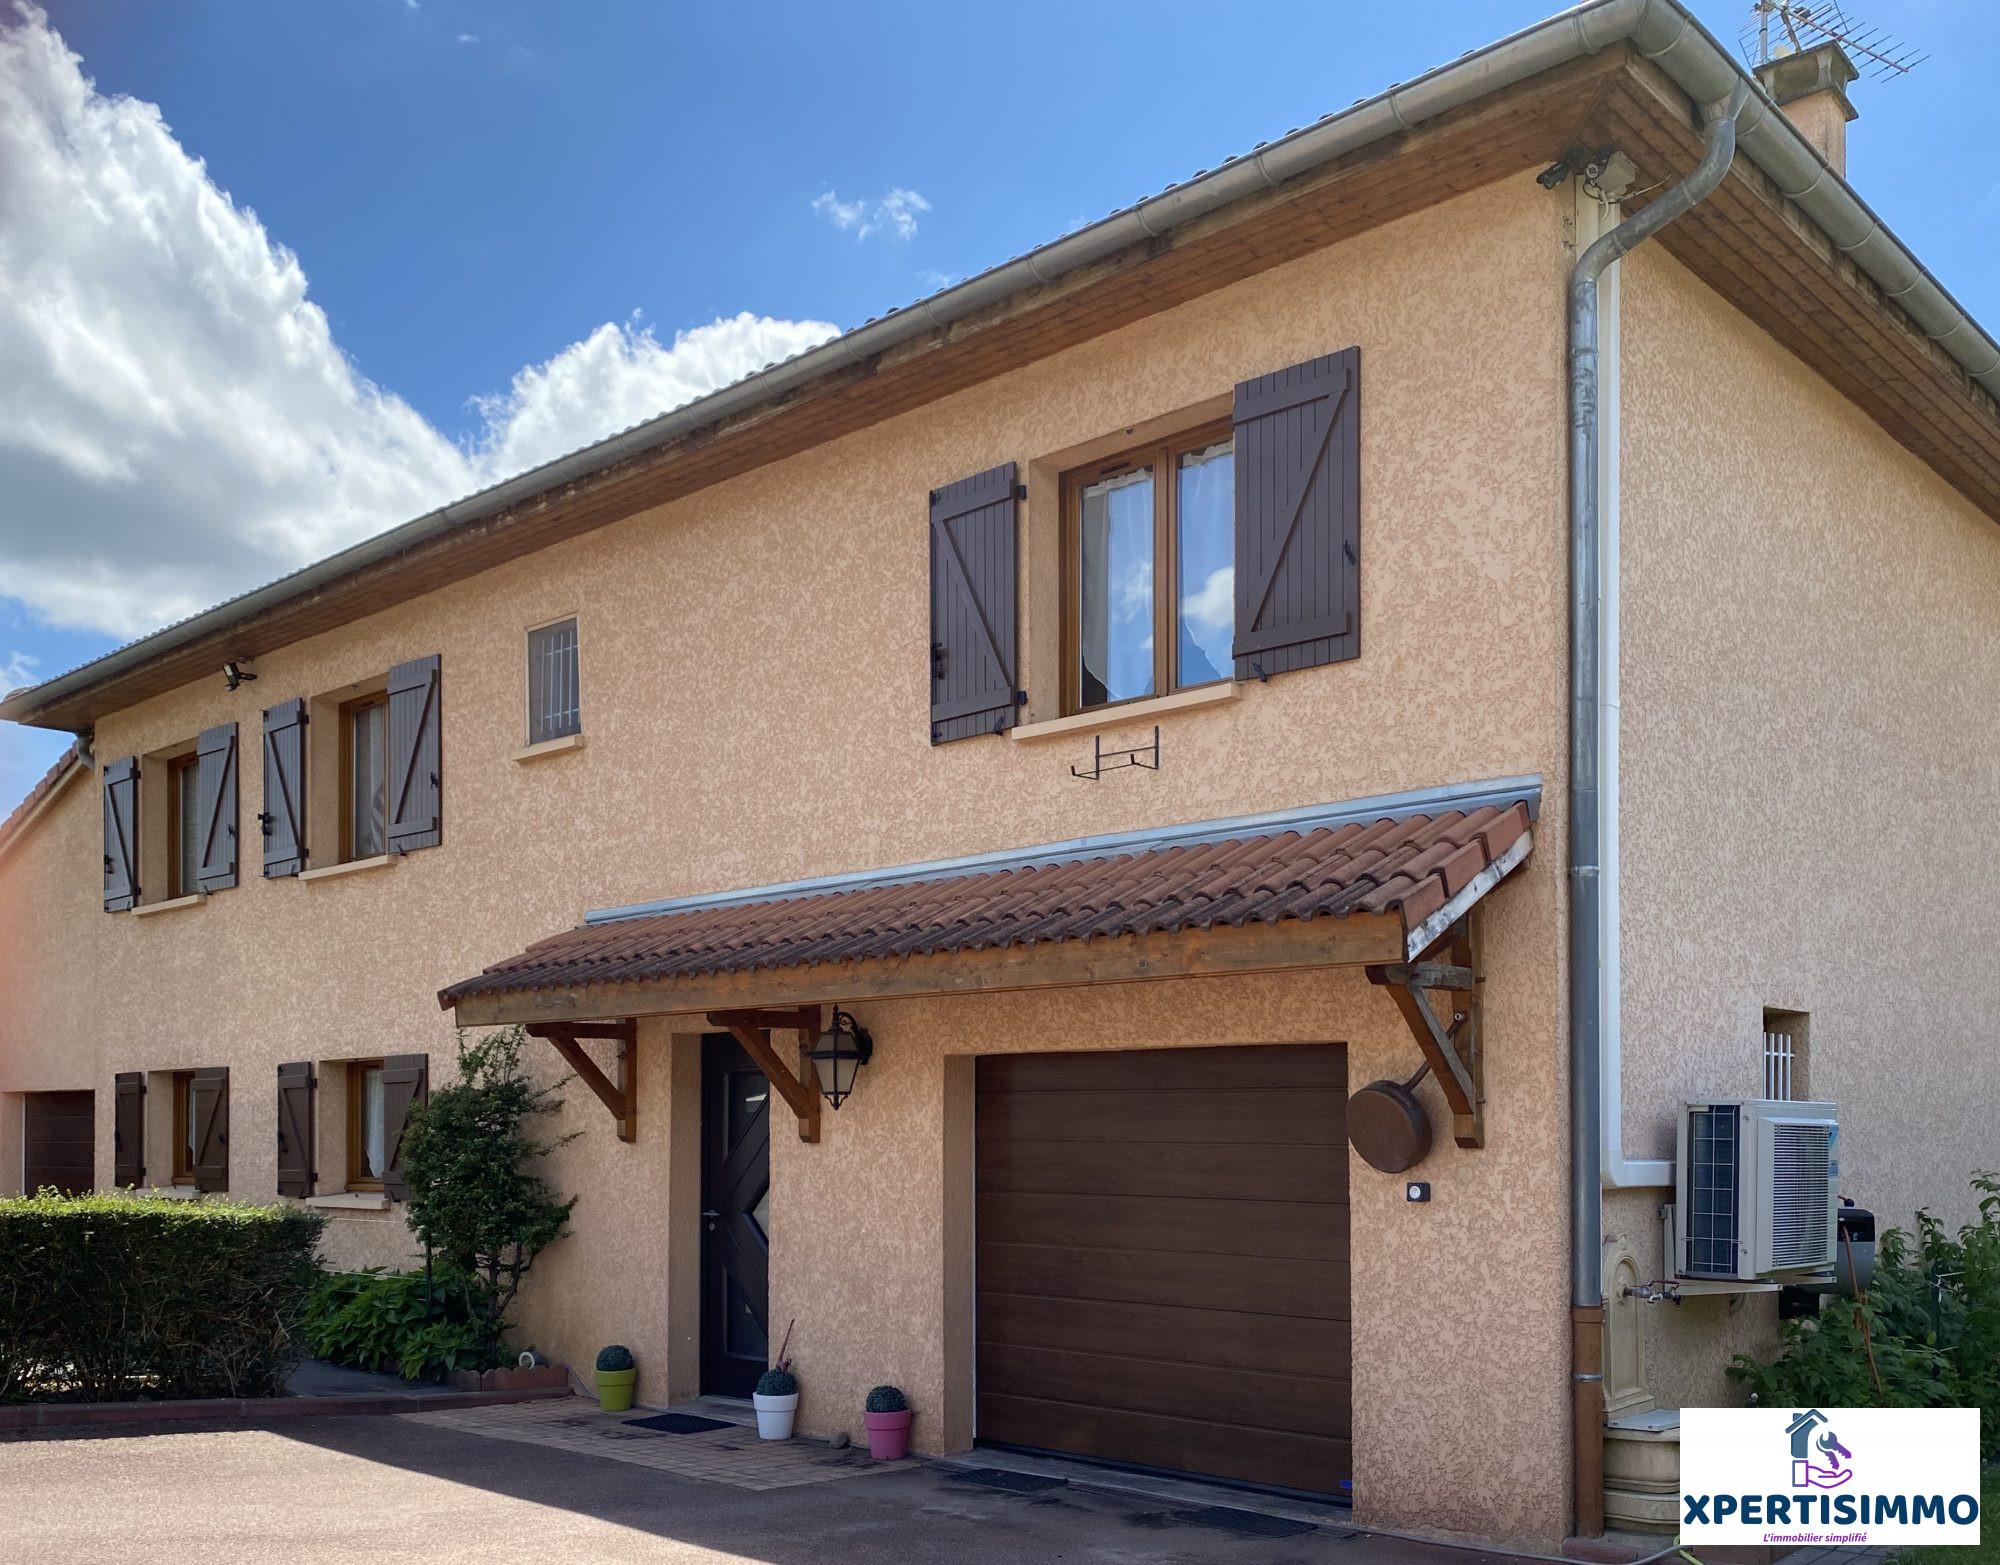 6 pièces 186 m² Maison